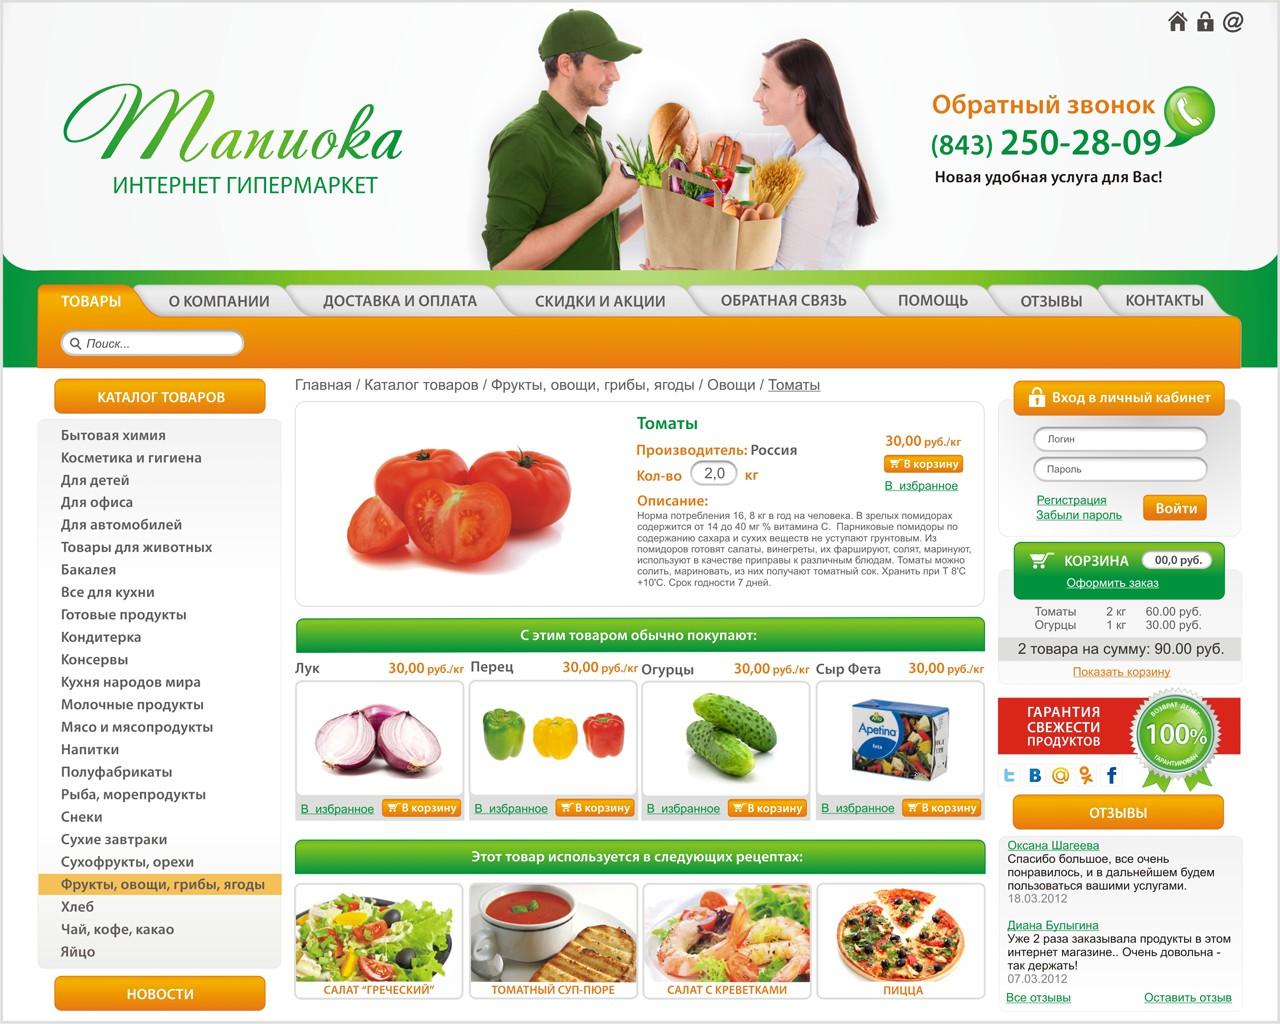 Интернет Гипермаркеты